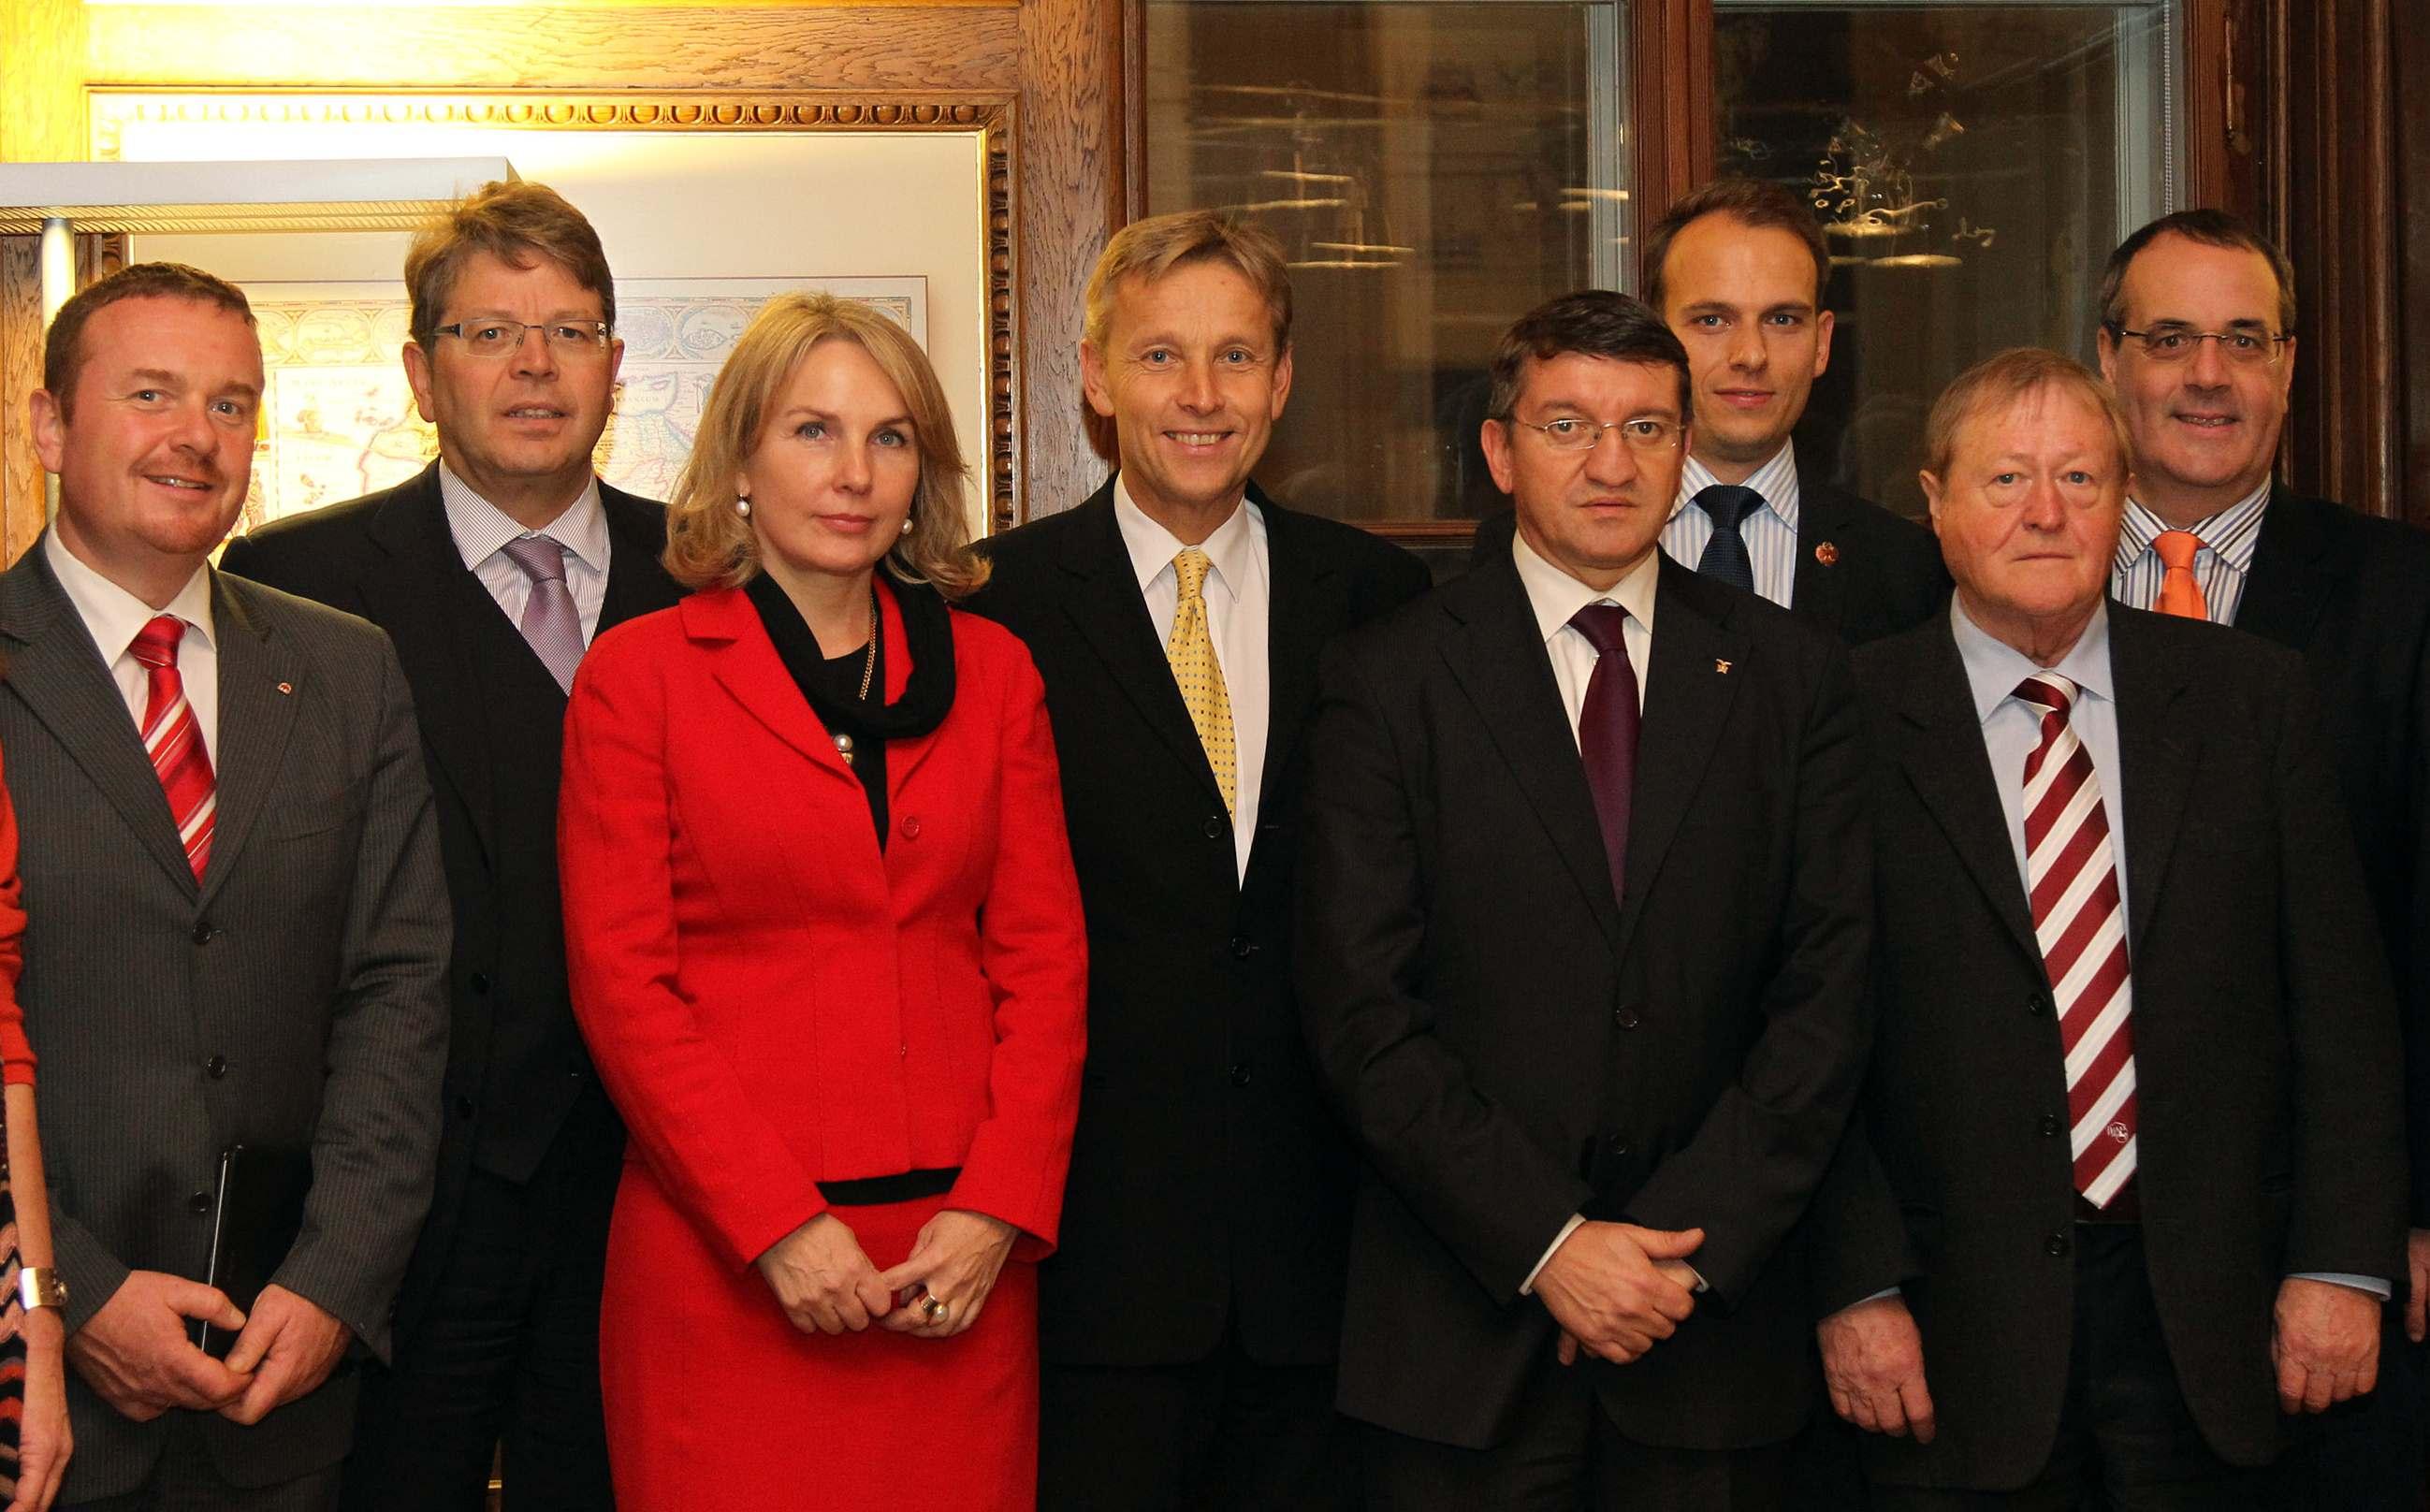 © BMEIA, STS Lopatka und die Südtiroler Delegation von Landtagspräsident Mauro Minniti und Vizepräsidentin Julia Unterberger